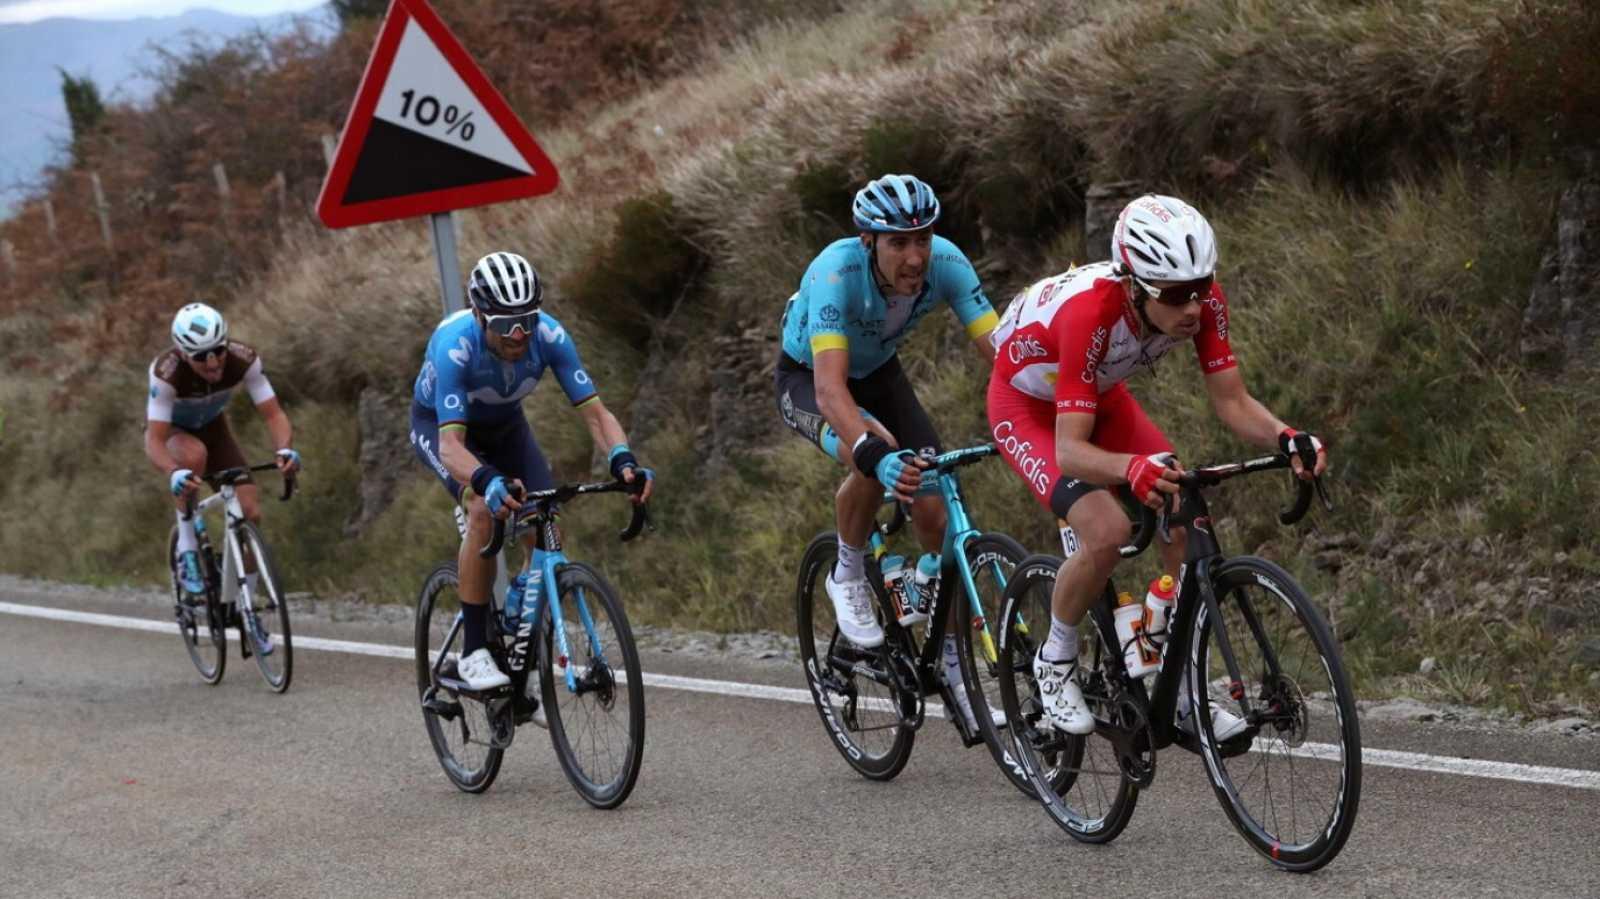 Vuelta ciclista a España 2020 - 7ª etapa: Vitoria-Gasteiz - Villanueva de Valdegovía (2) - ver ahora